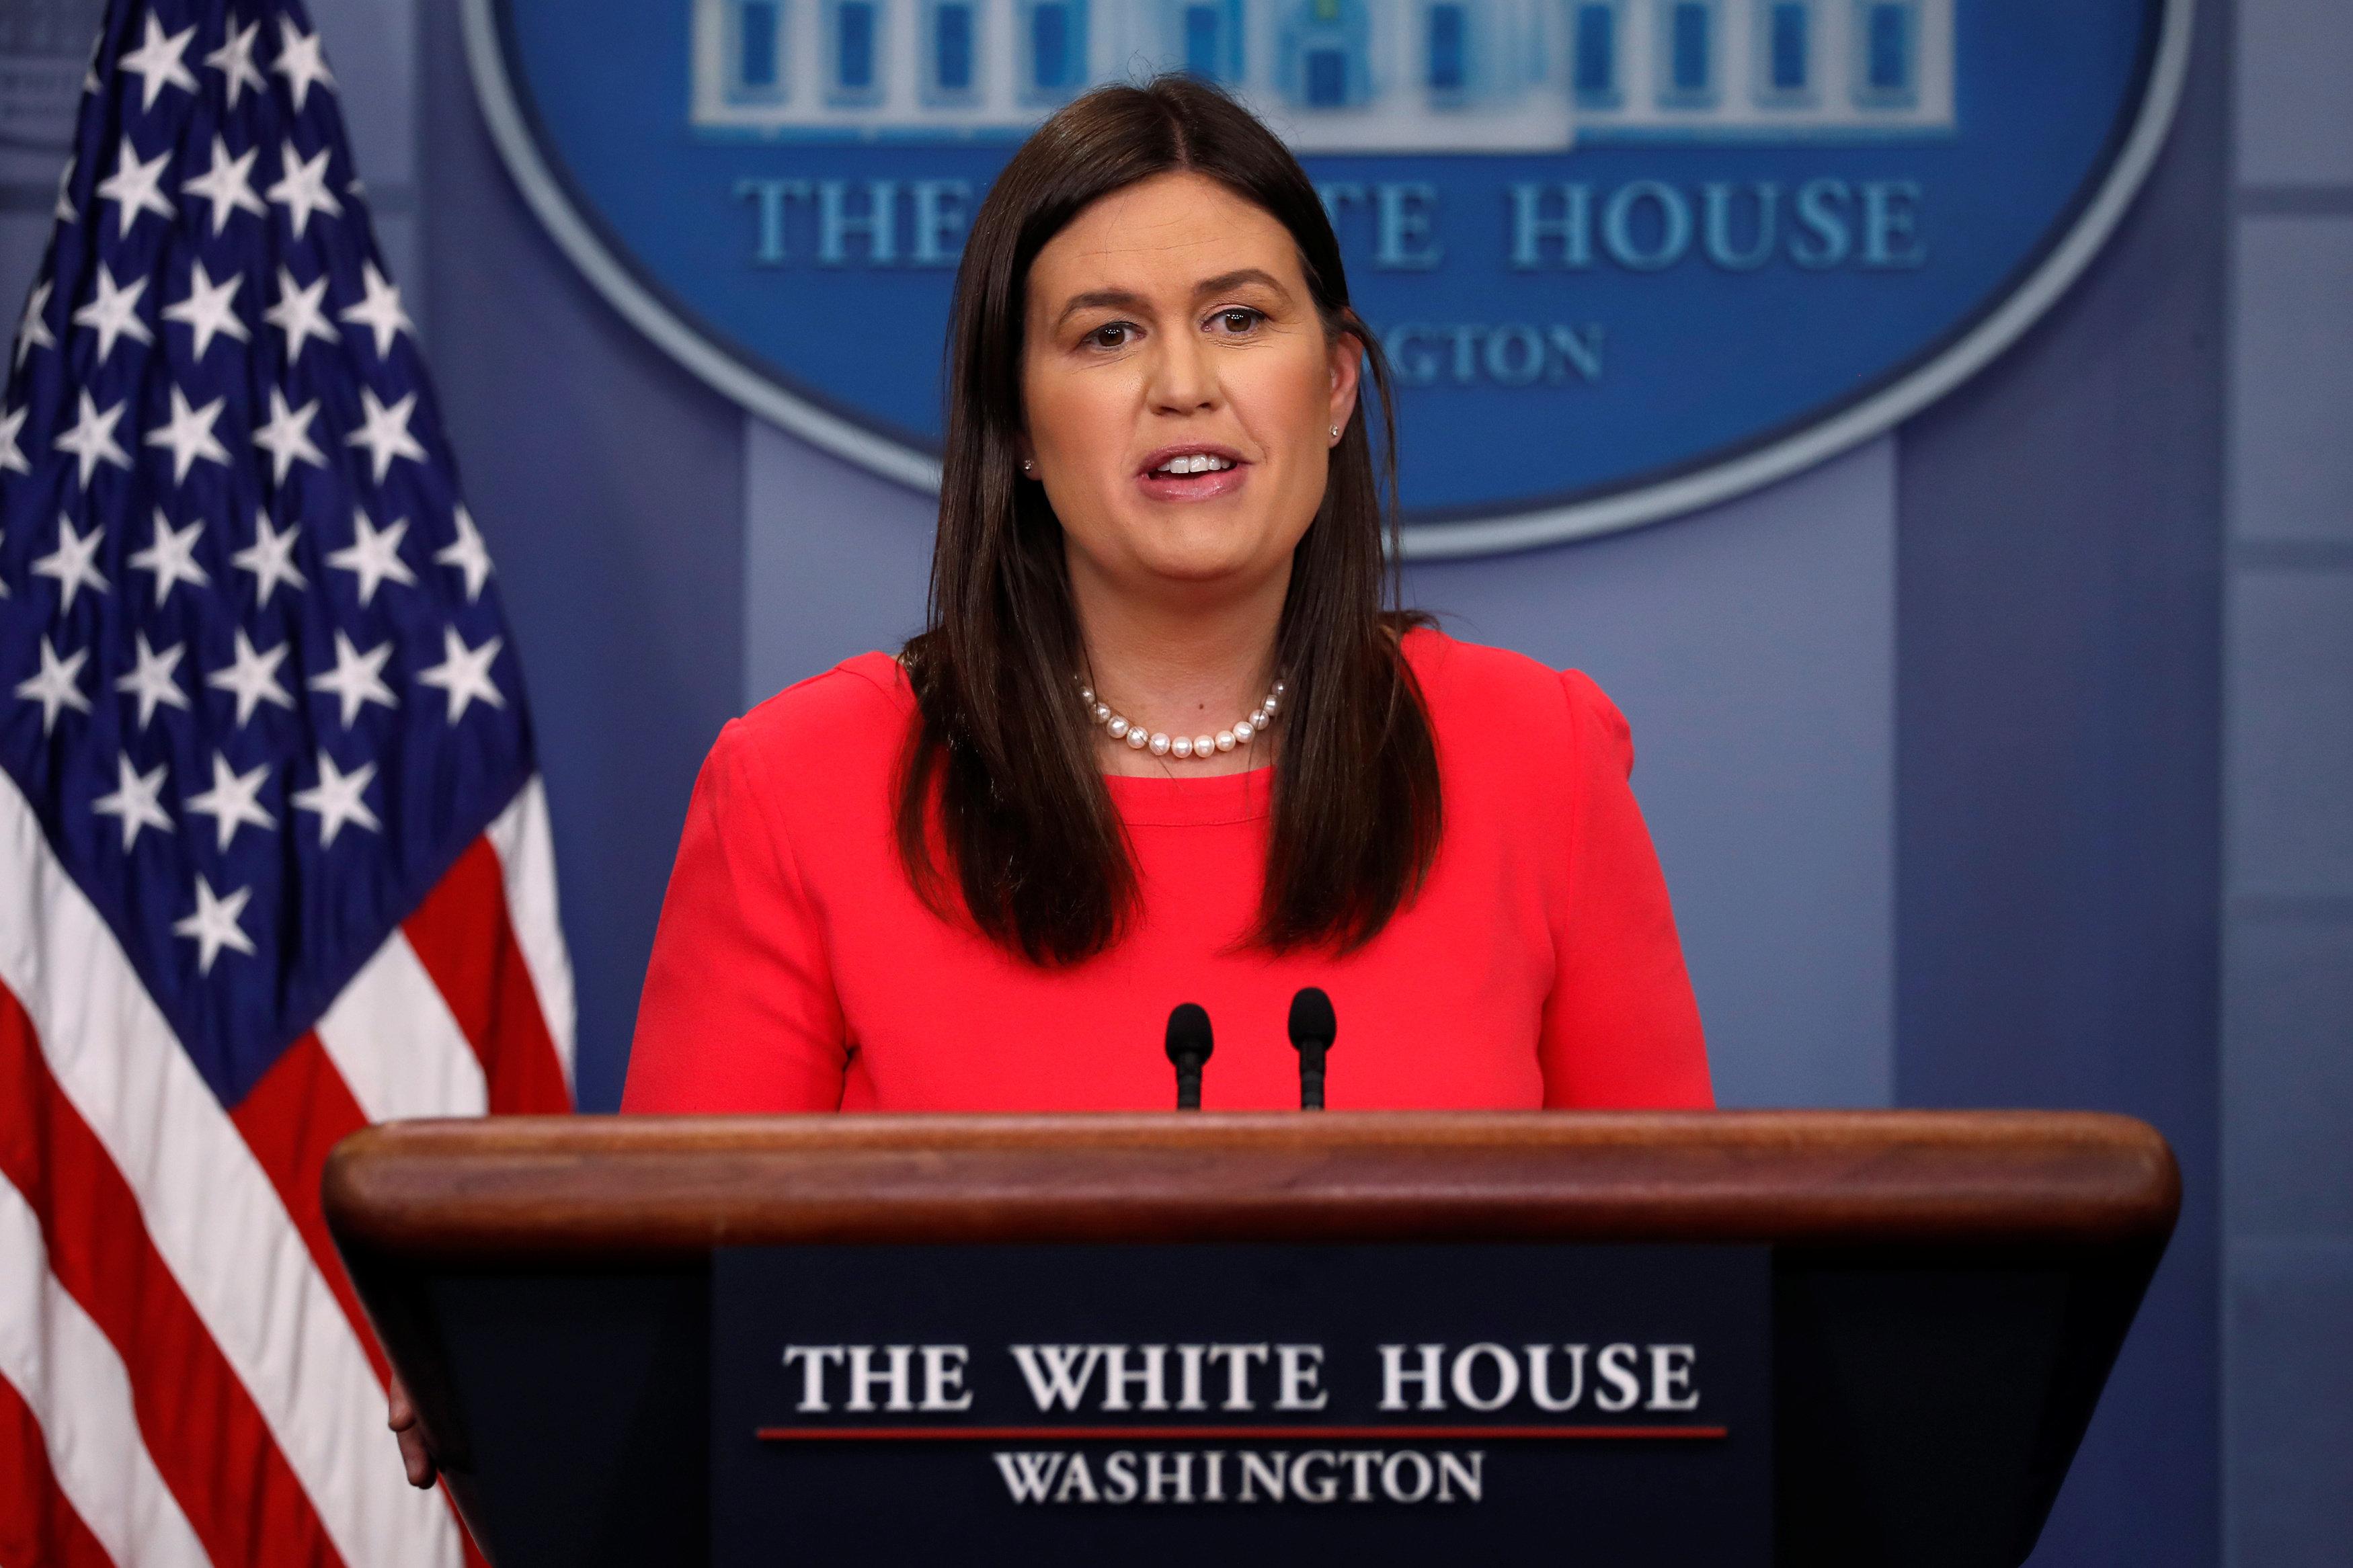 백악관이 북미정상회담 6월12일 열릴 것 같다고